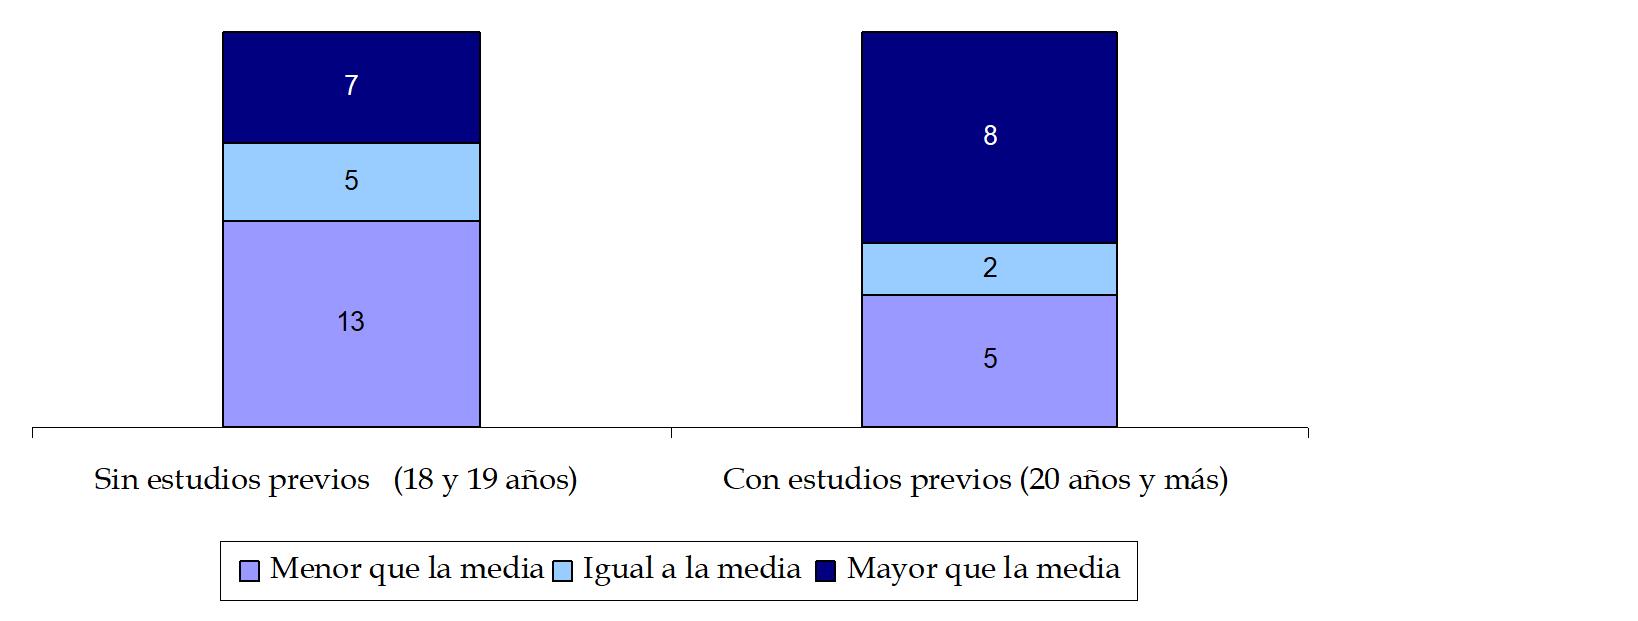 cap 5 gráfico 5